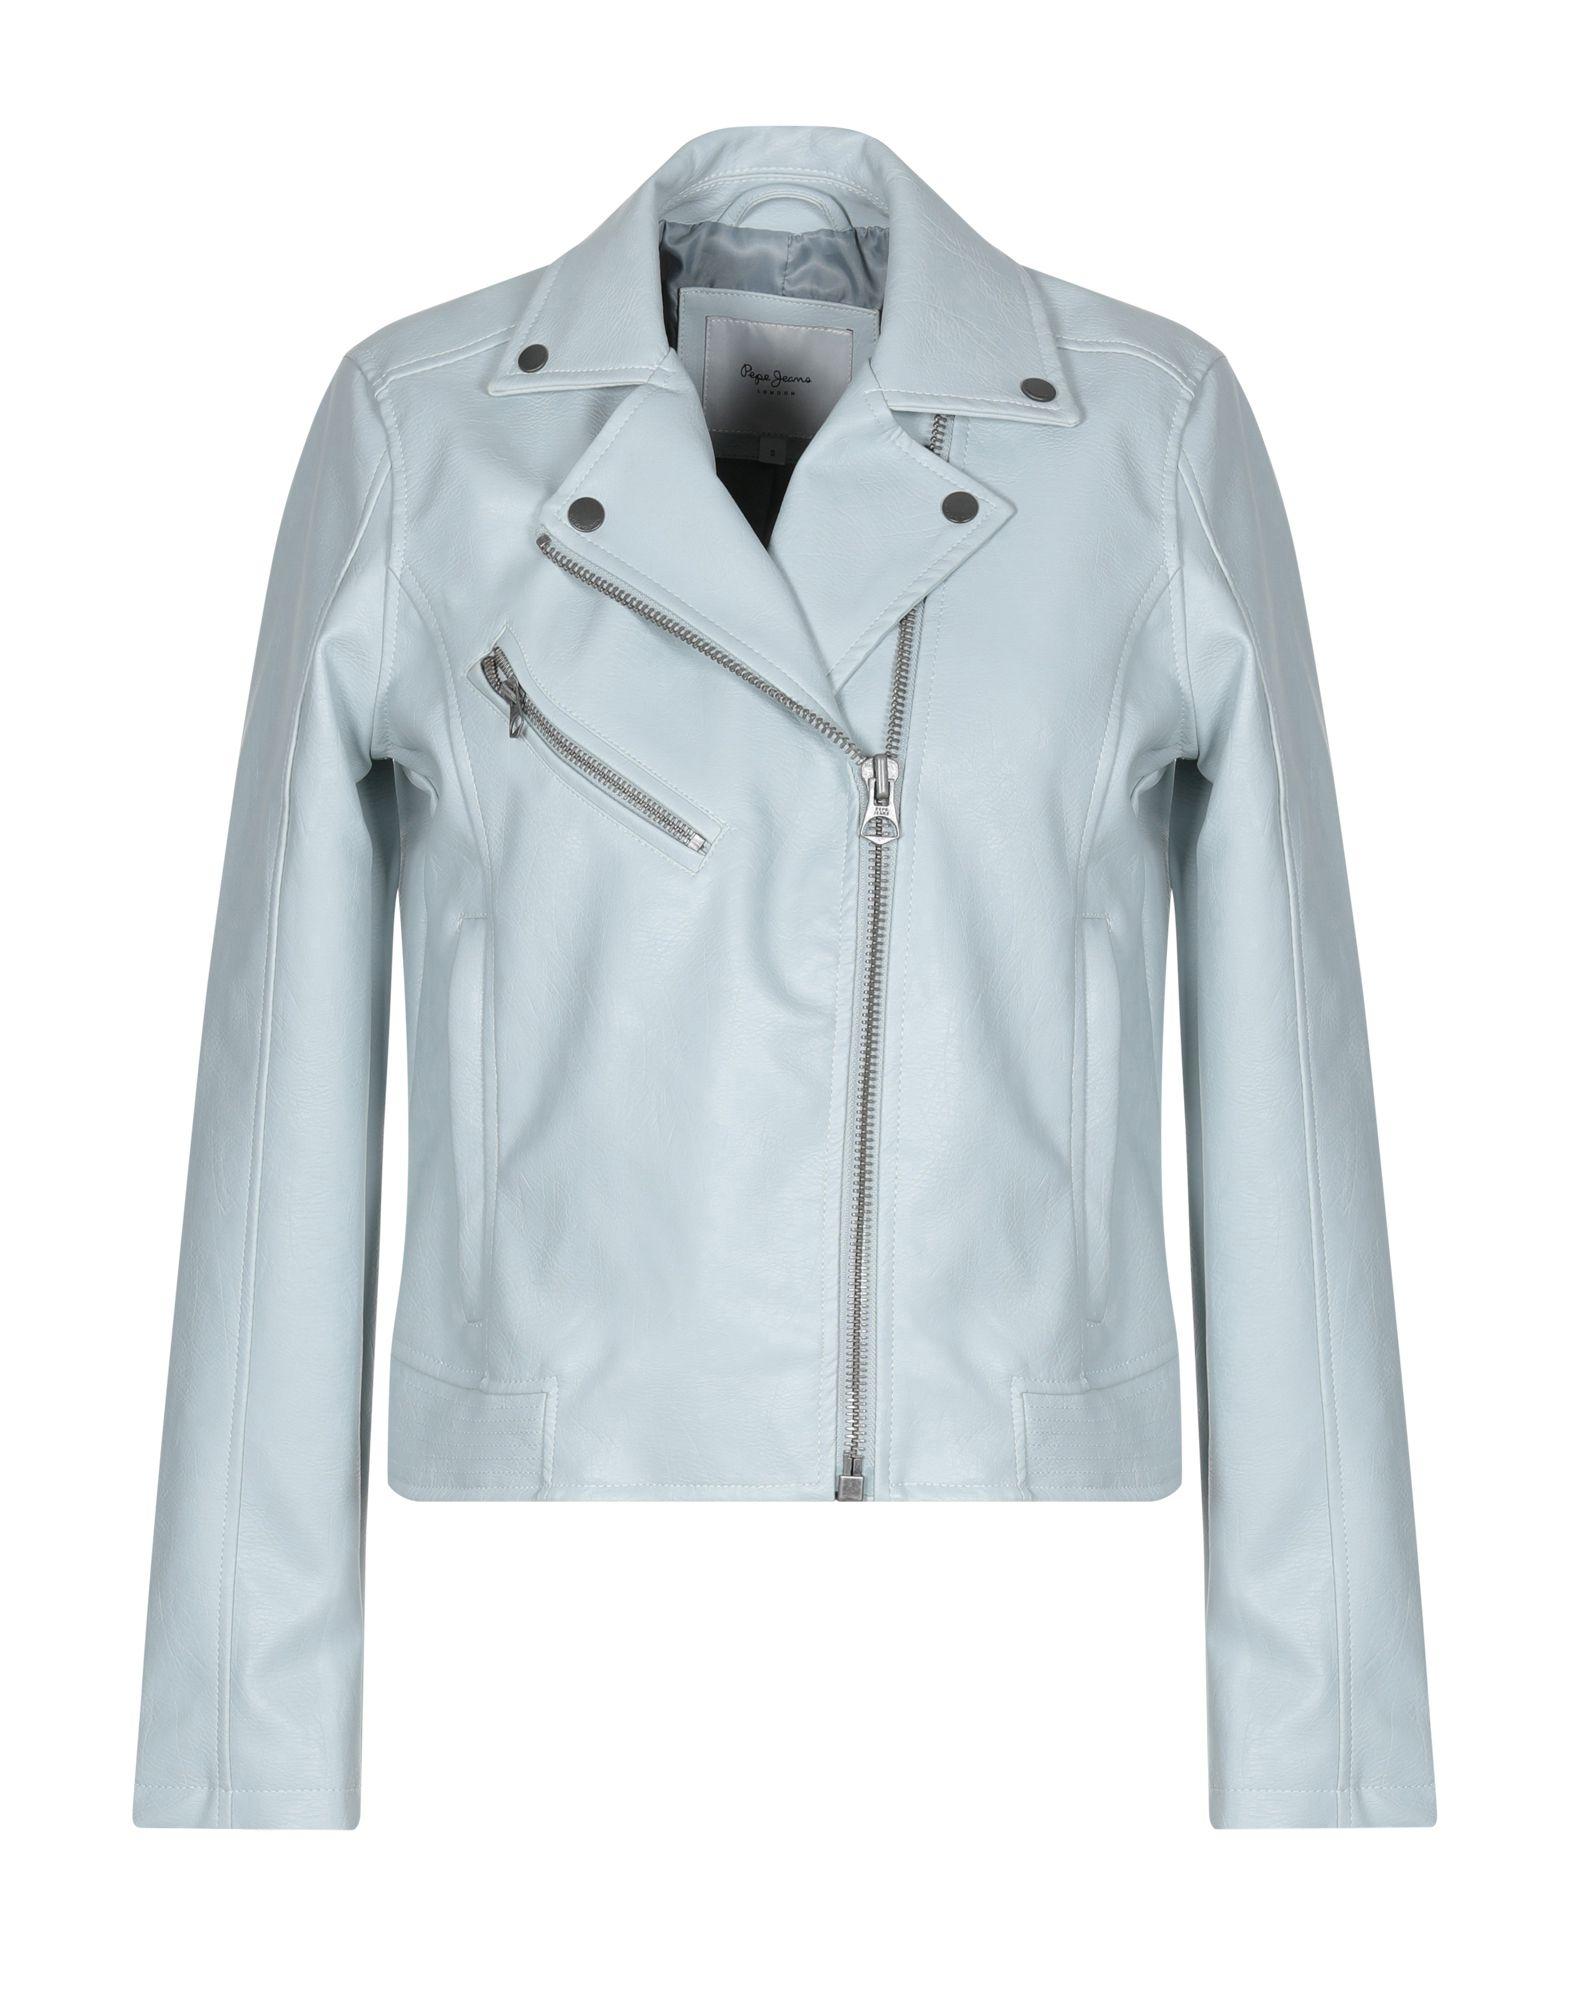 Фото - PEPE JEANS Куртка куртка женская pepe jeans цвет зеленый 097 pl401555 664 размер m 44 46